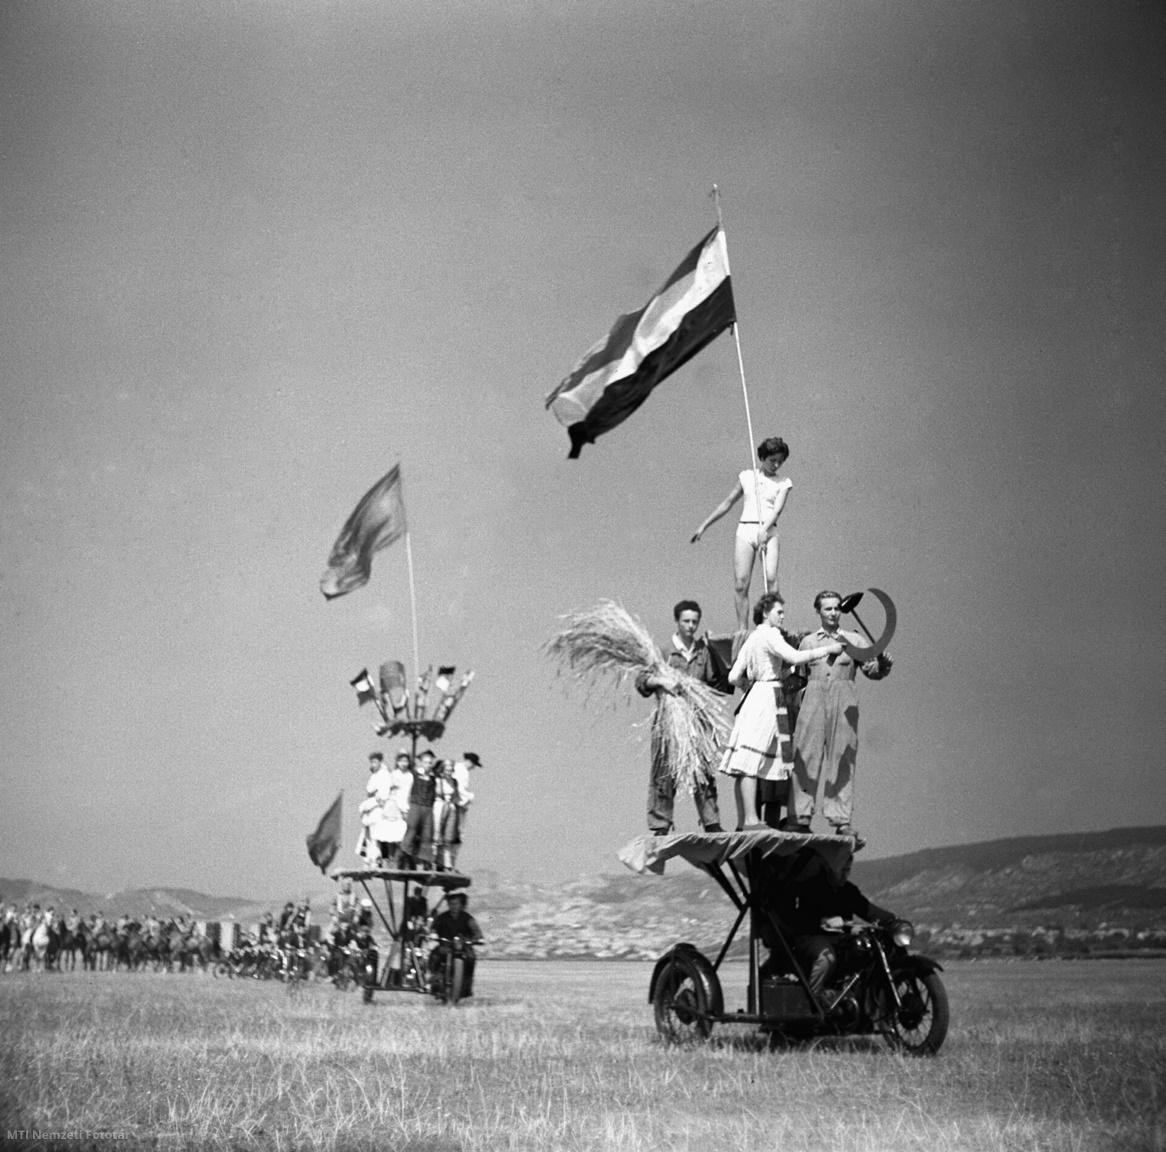 A Magyar Honvédelmi Szövetség motorosklubjának Alkotmány napi felvonulása az MHSZ Repülőnapján a Budaörsi repülőtéren 1959. augusztus 20-án